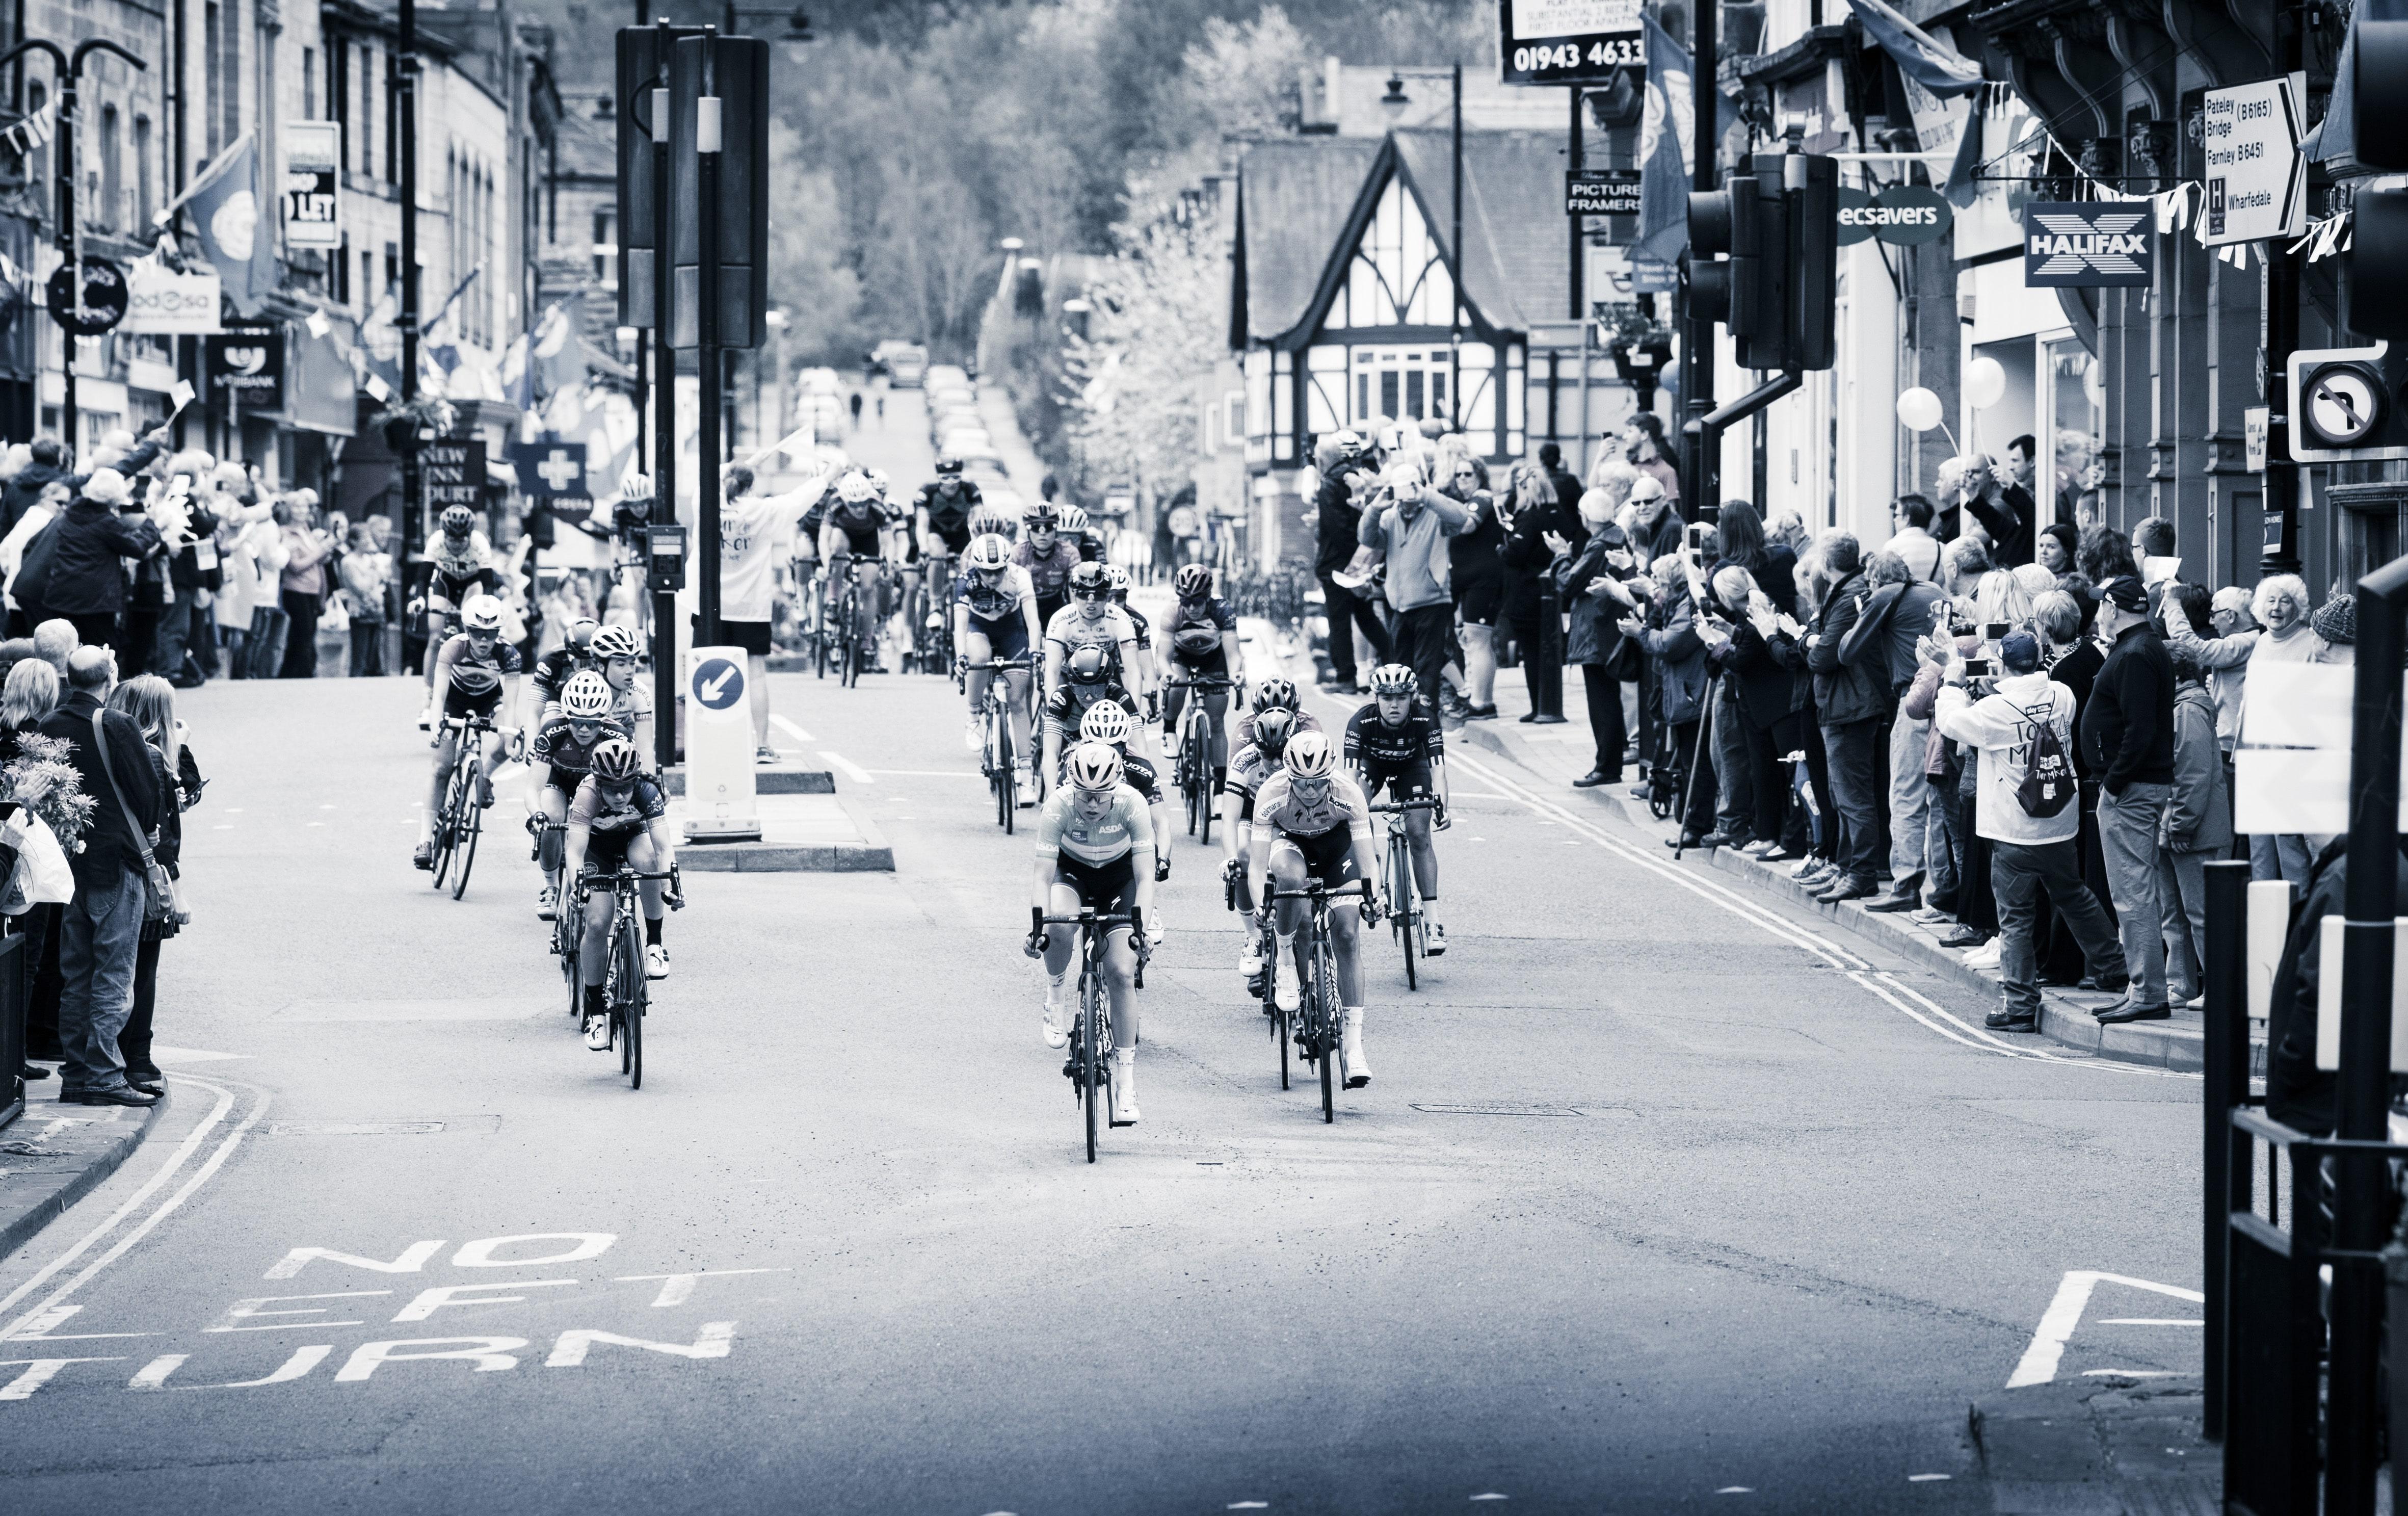 Cycle race through Otley town centre